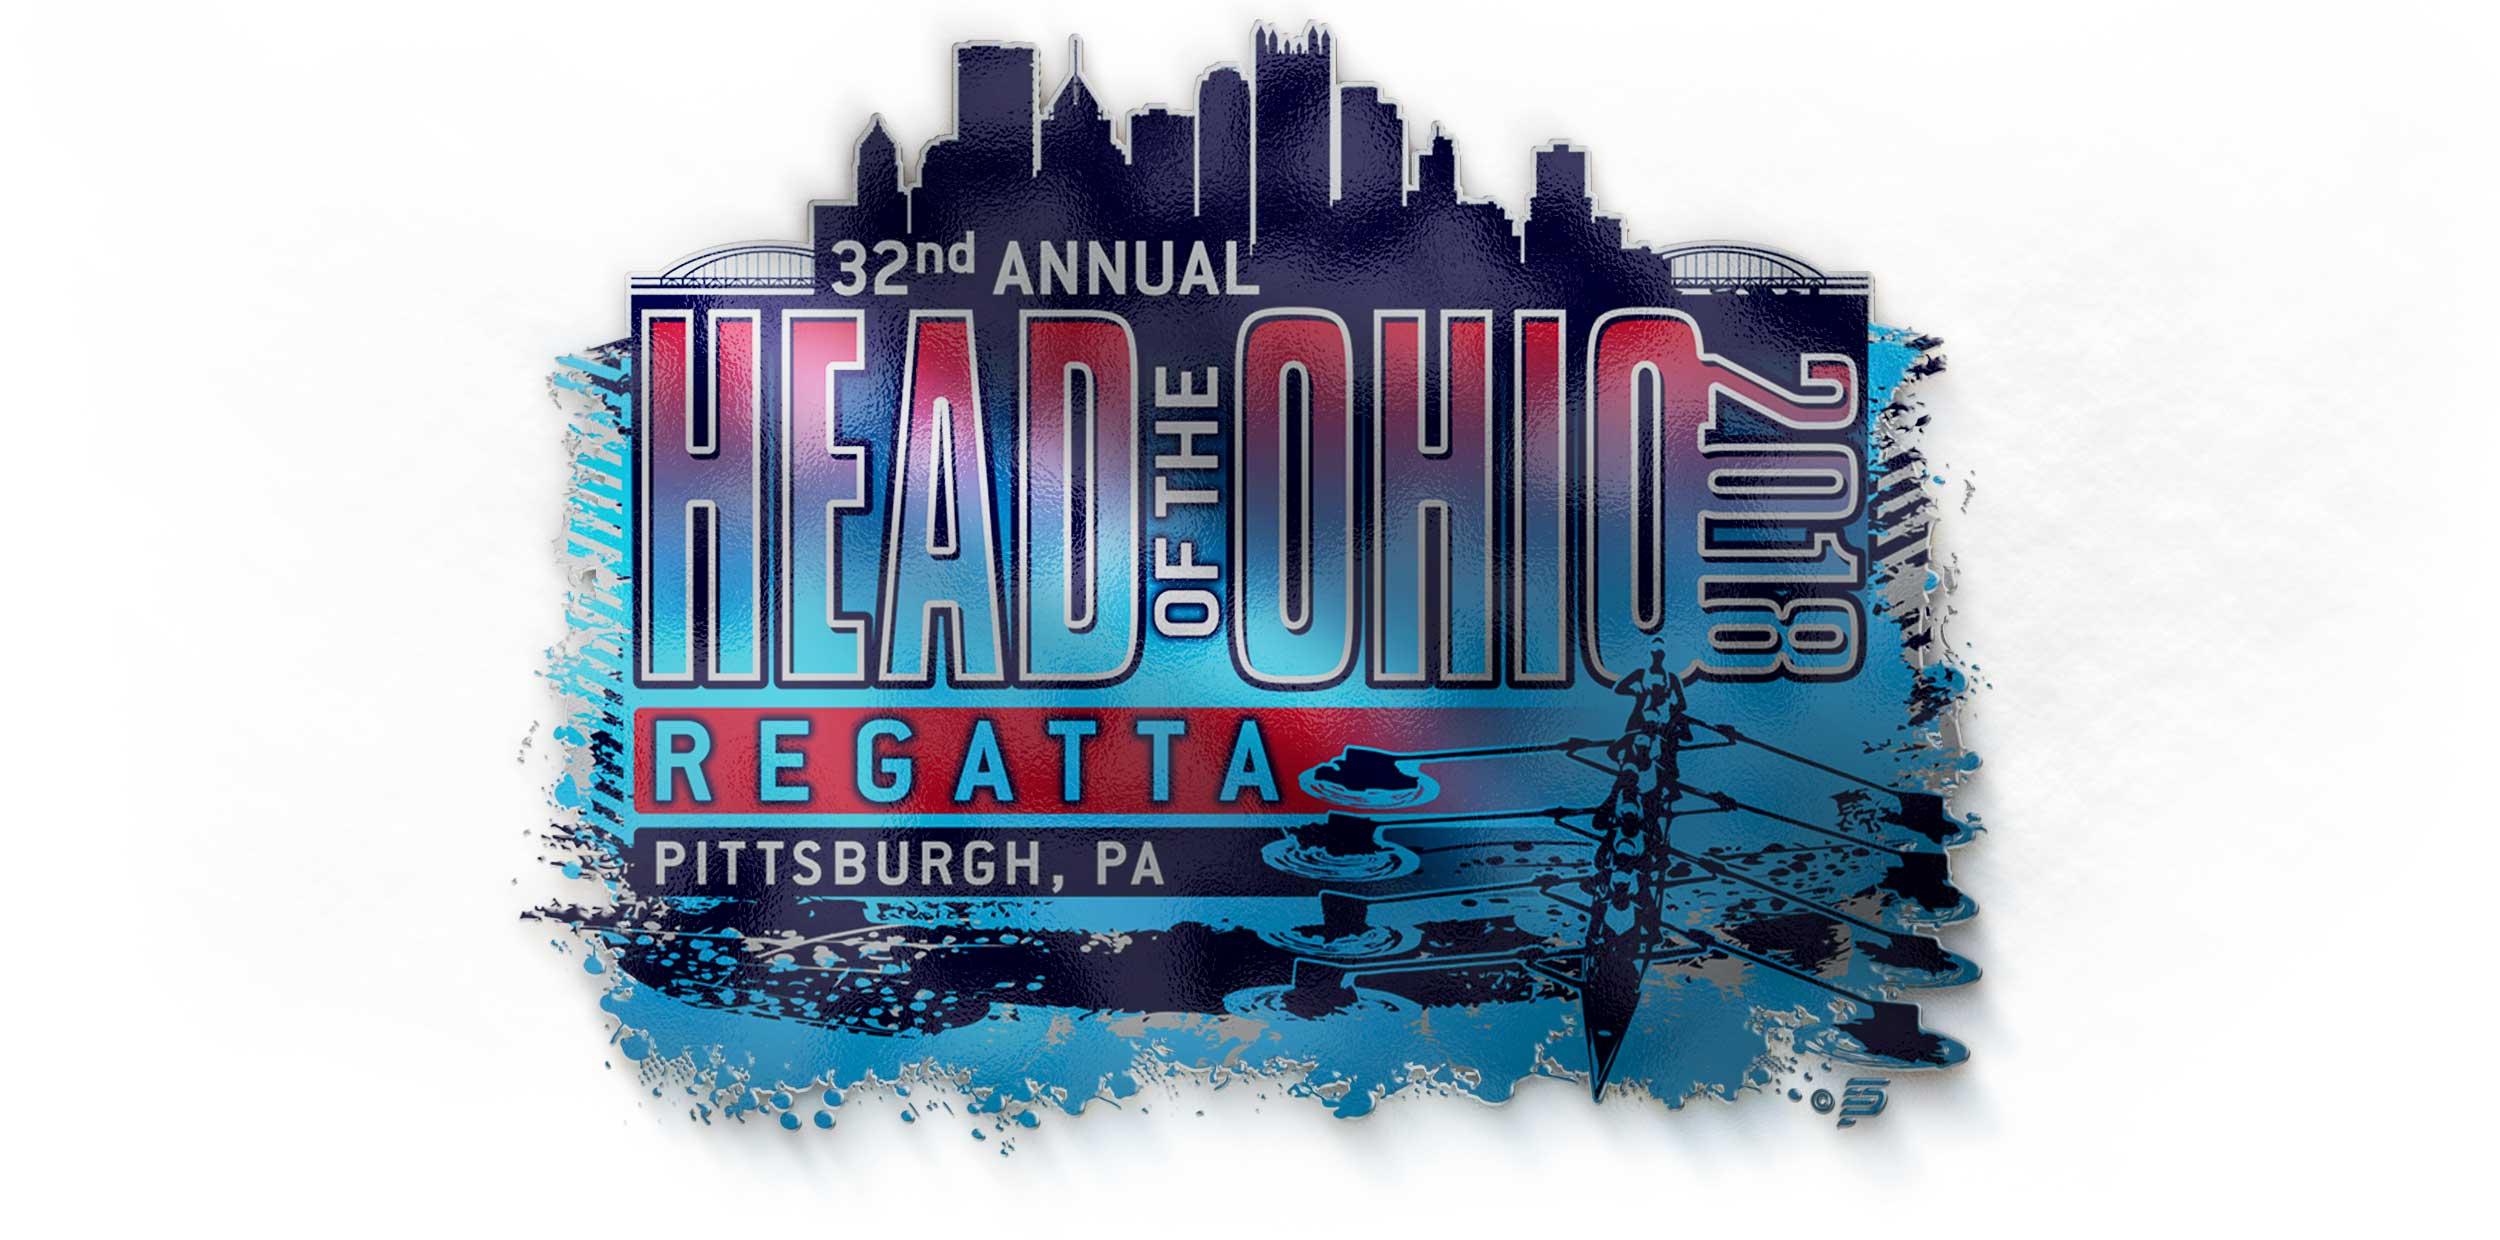 Head-of-the-Ohio-Regatta-Fine-Designs-Apparel